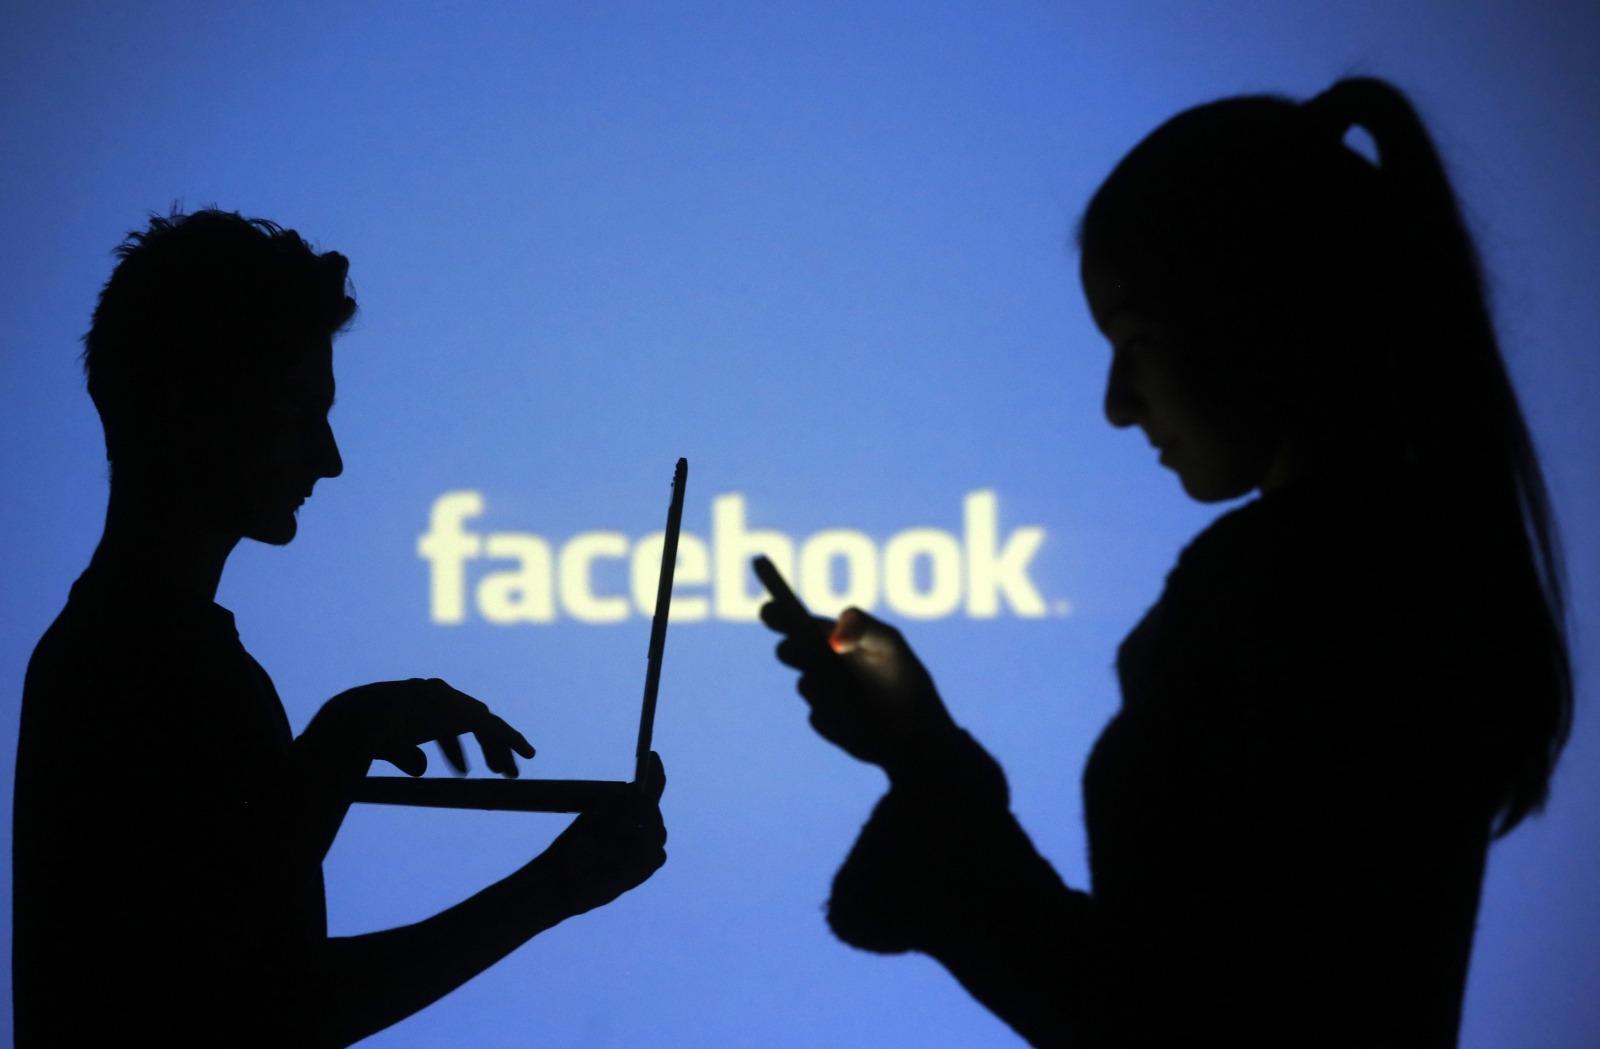 بالصور كيف اعمل فيس بوك , طريقة انشاء حساب فى فيس بوك بكل سهولة 5466 2